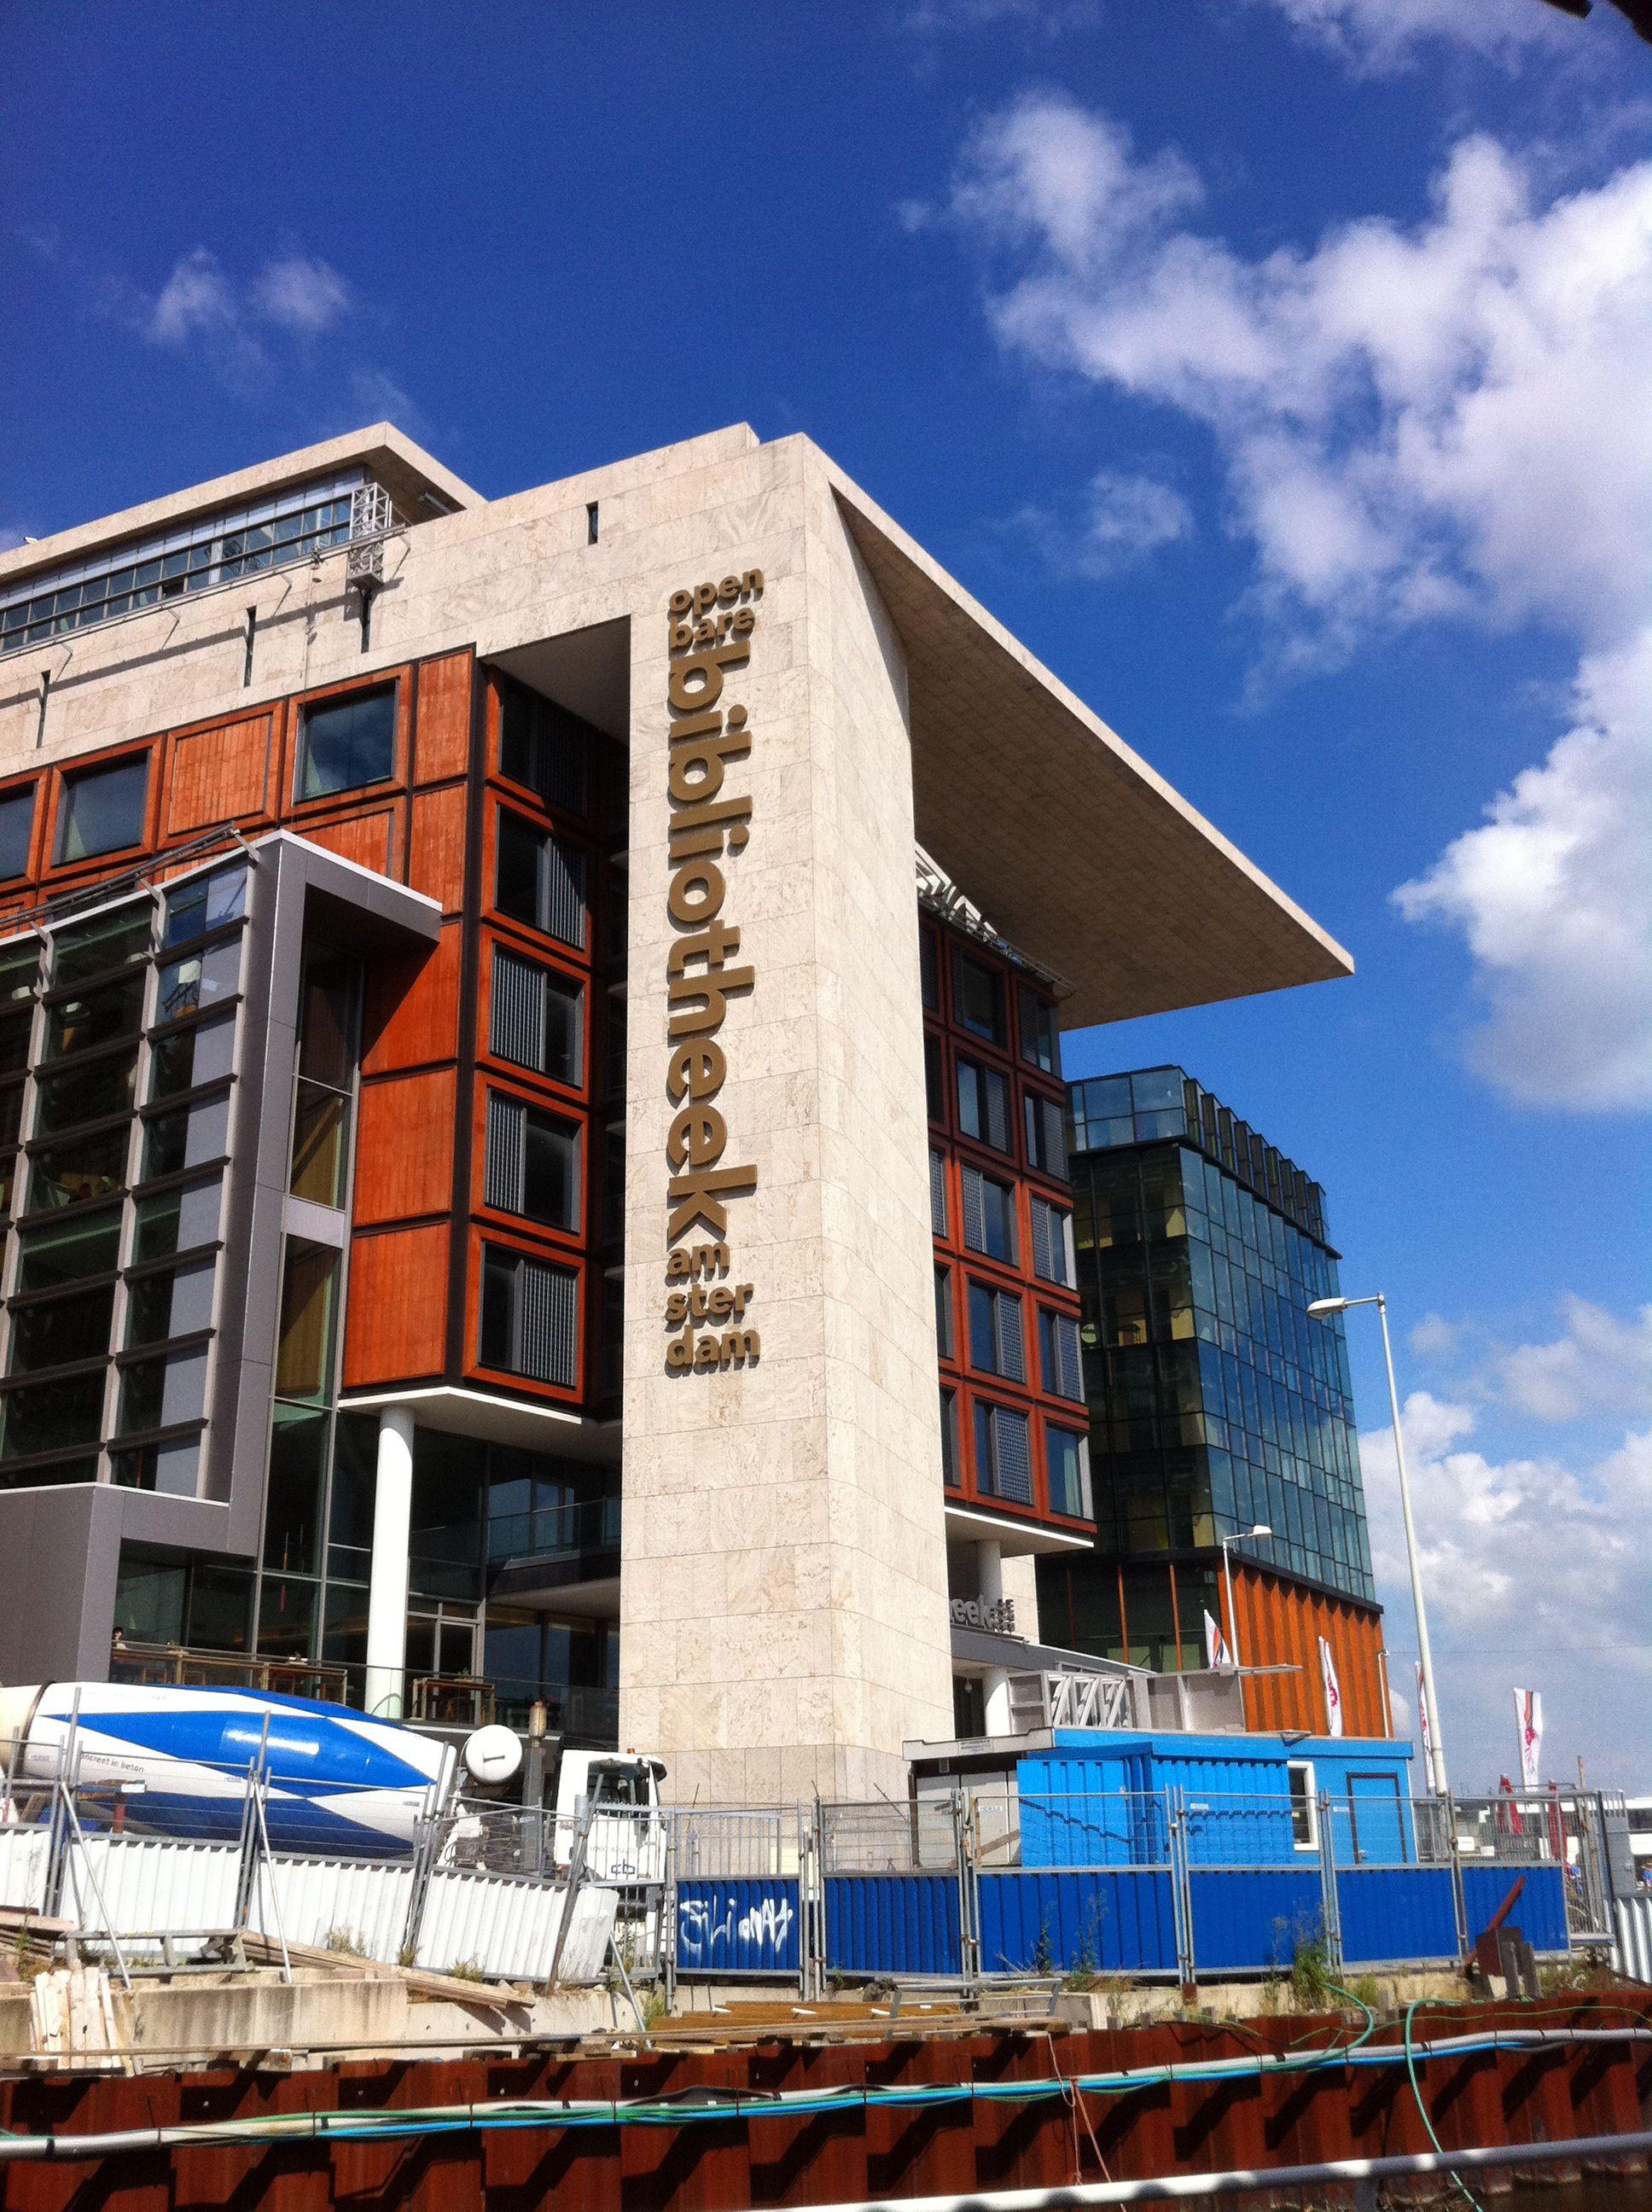 Openbare bibliotheek amsterdam netherlands offers a for Bibliotheek amsterdam